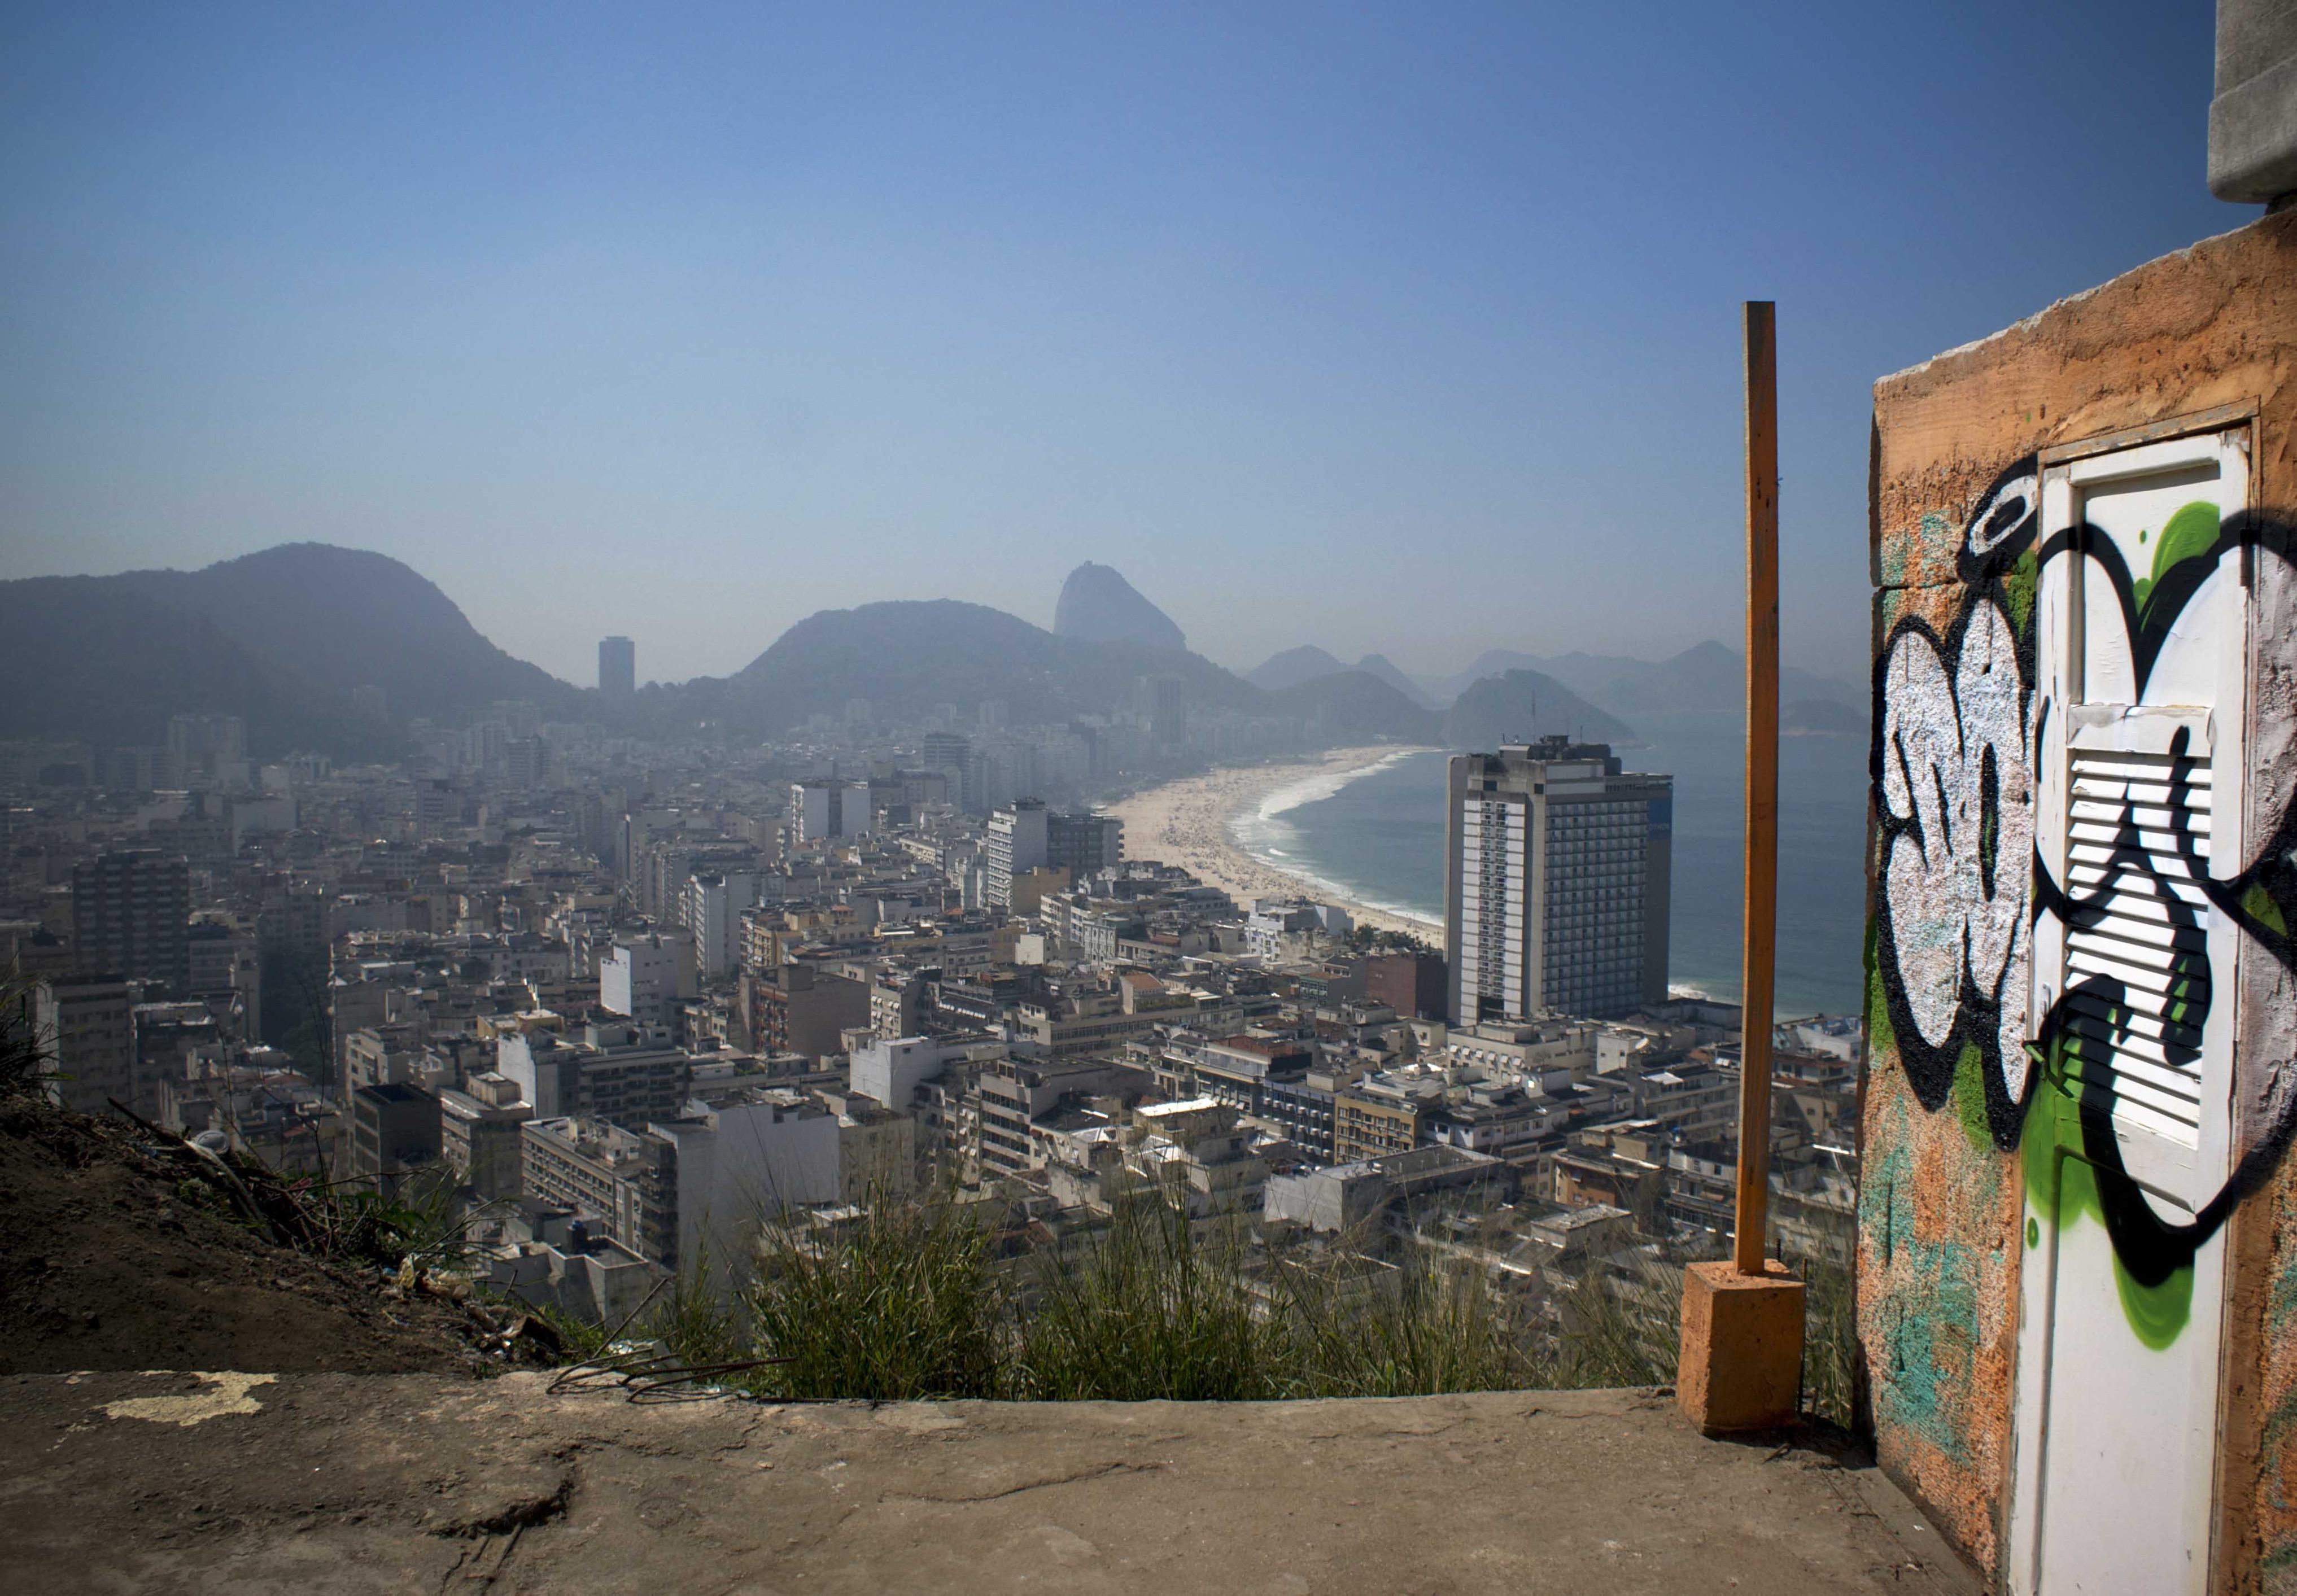 A work by Does - Does favela copacabana rio de Janeiro brazil 2013 1